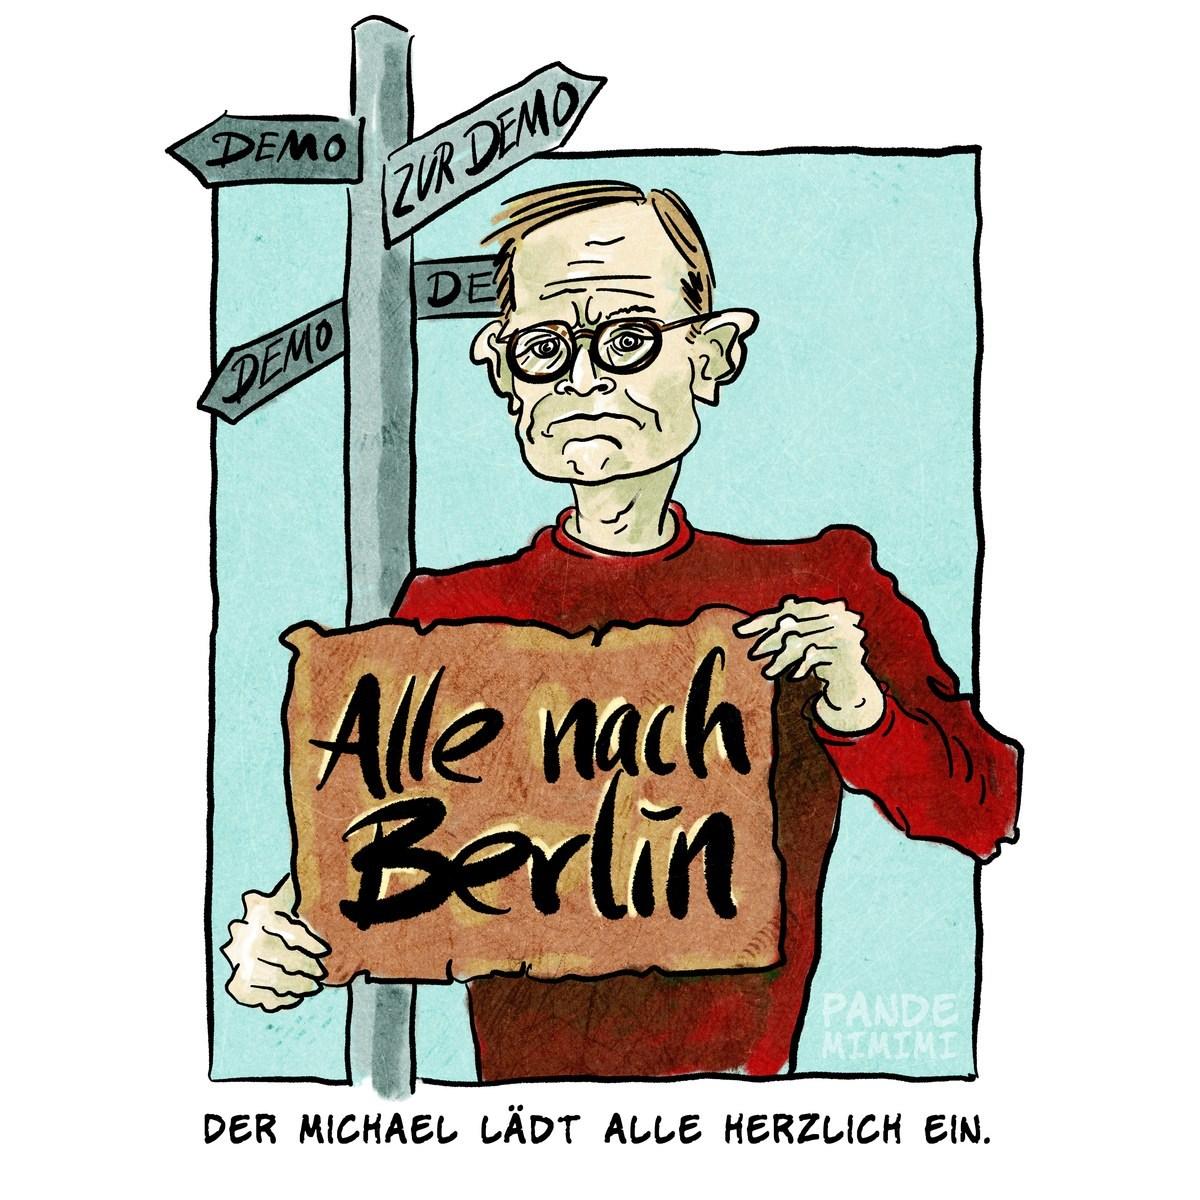 Alle nach Berlin